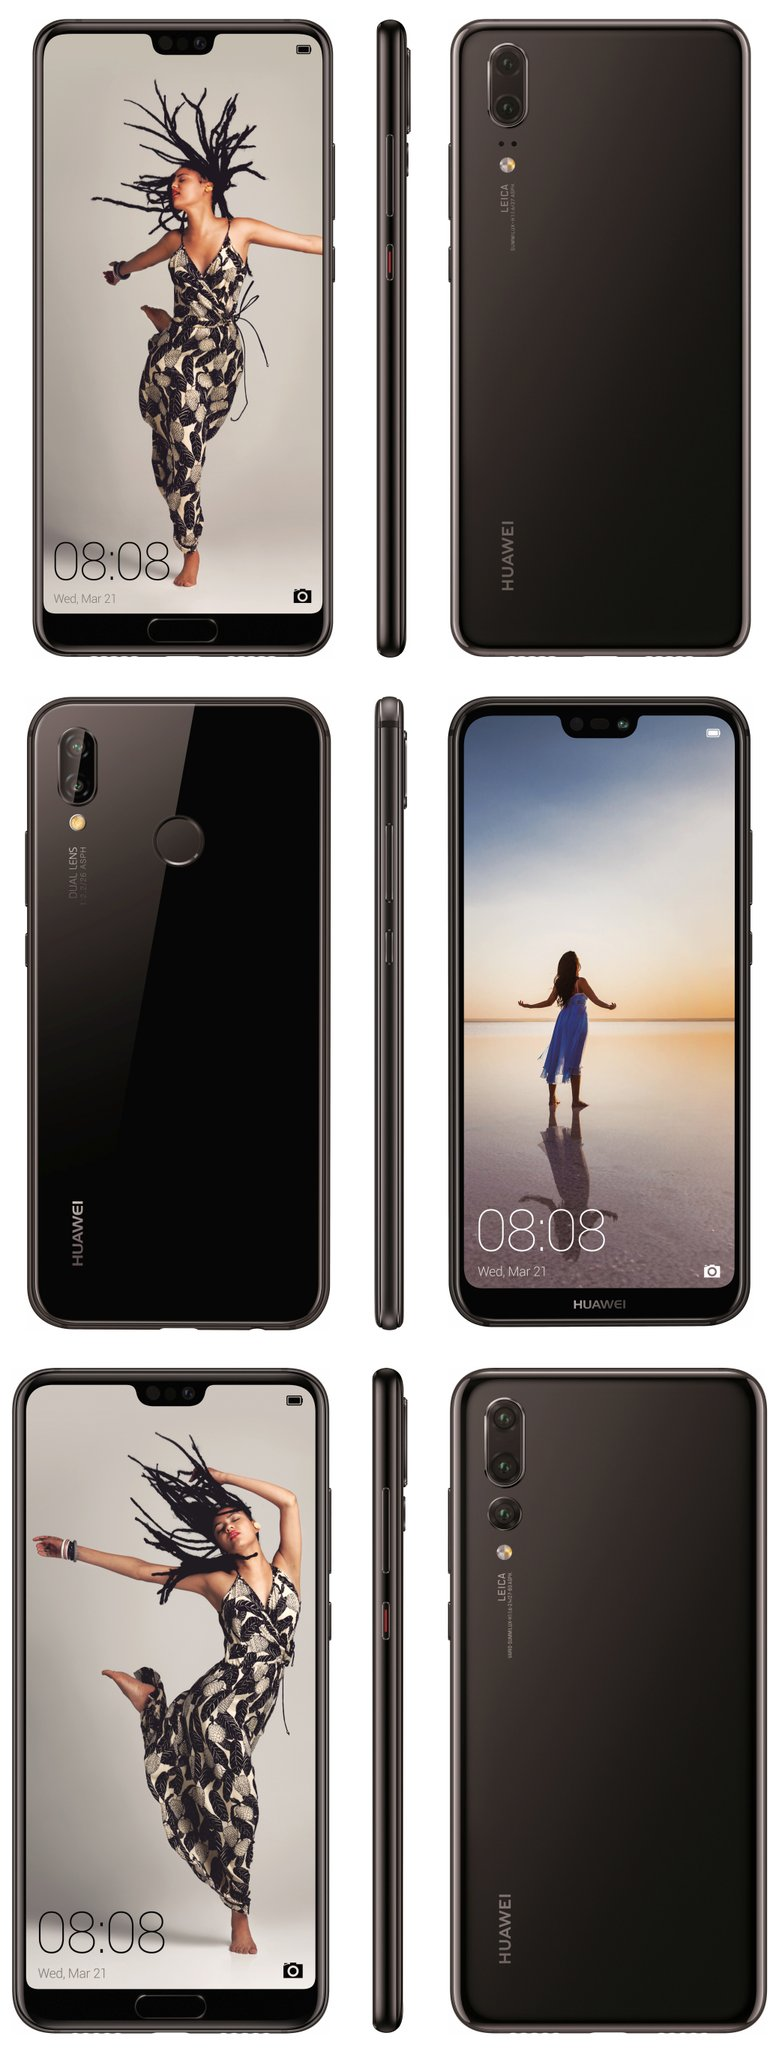 Huawei P20 Modelle